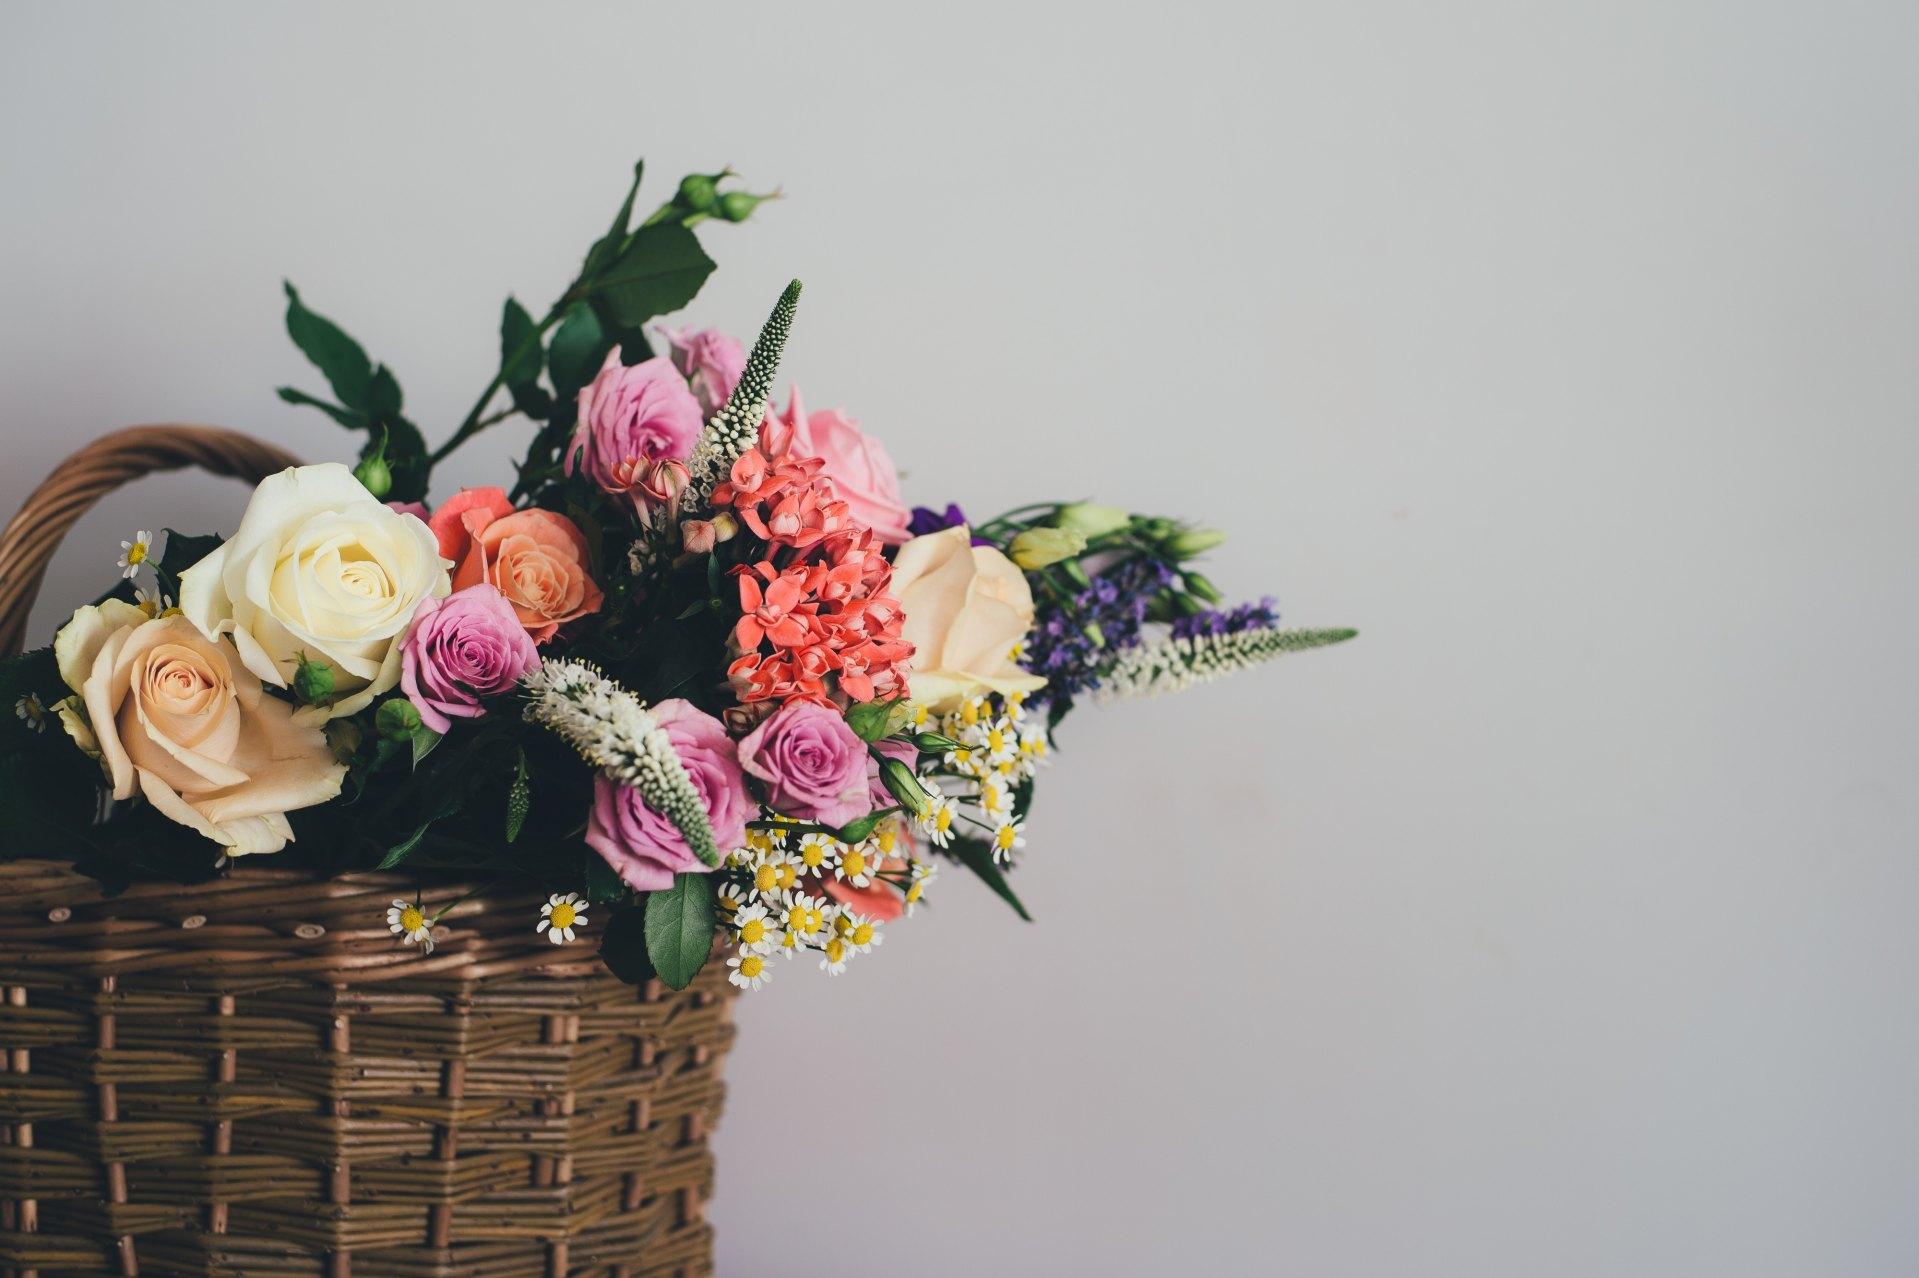 comment dire je t'aime en langage des fleurs - astuces choisir fleurs